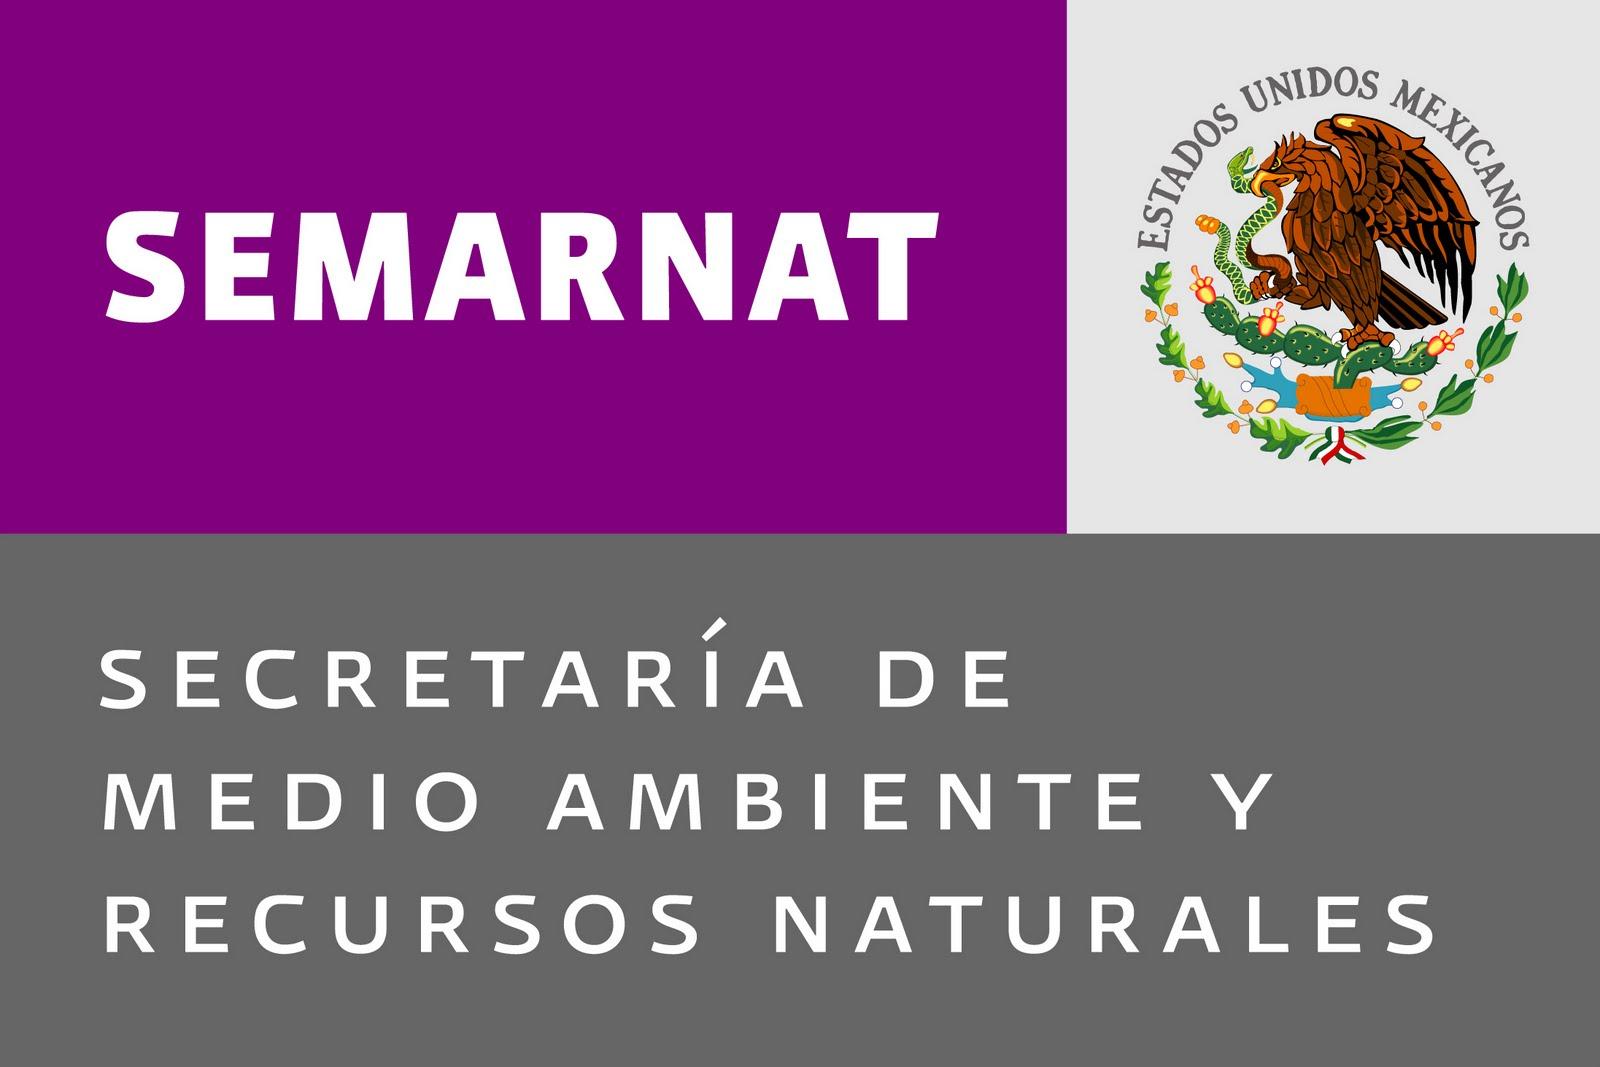 SECRETARIA DE MEDIO AMBIENTE Y RECURSOS NATURALES (SEMARNAT)